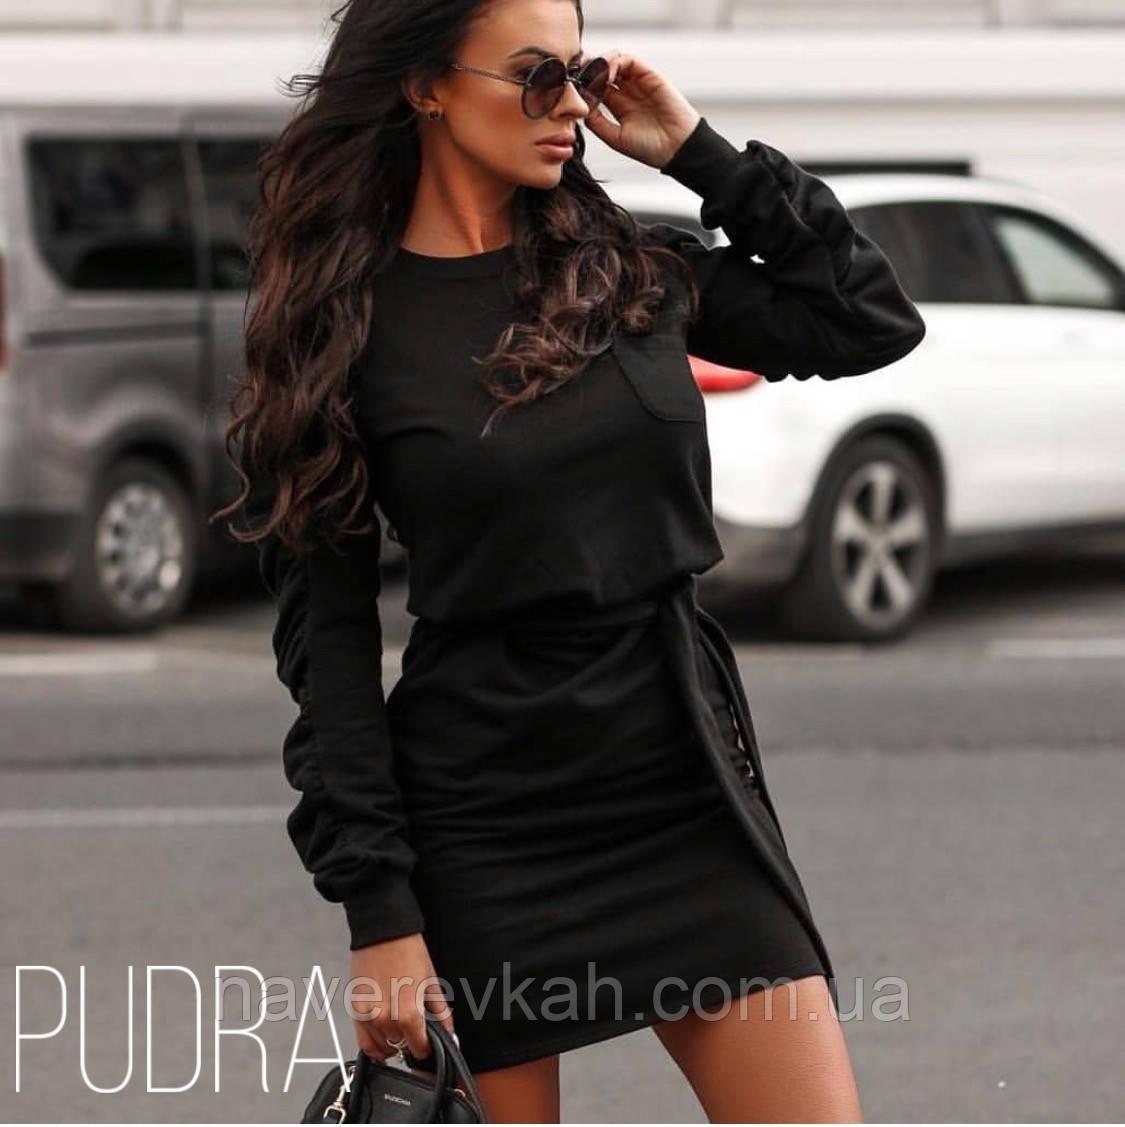 Женское платье трикотаж хаки черное 42-44 44-46